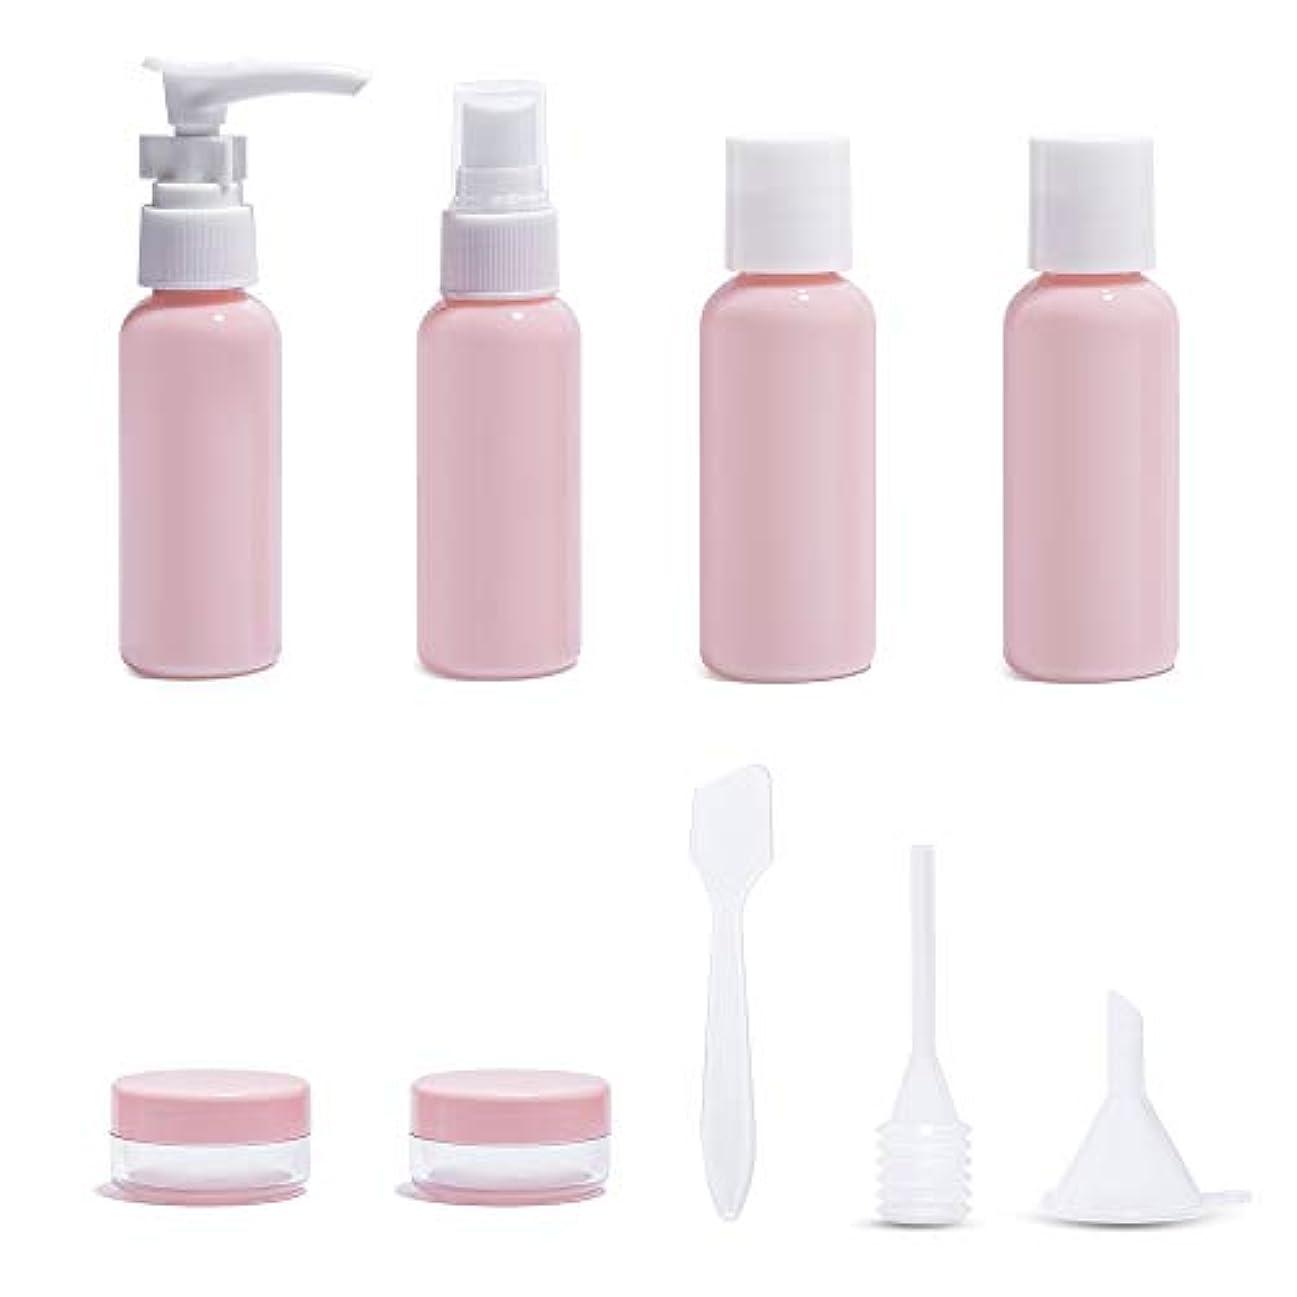 起きる紛争勧めるDiolan トラベルボトル 小分けボトル コスメ用詰替え容器 6本セット ピンク 旅行 出張